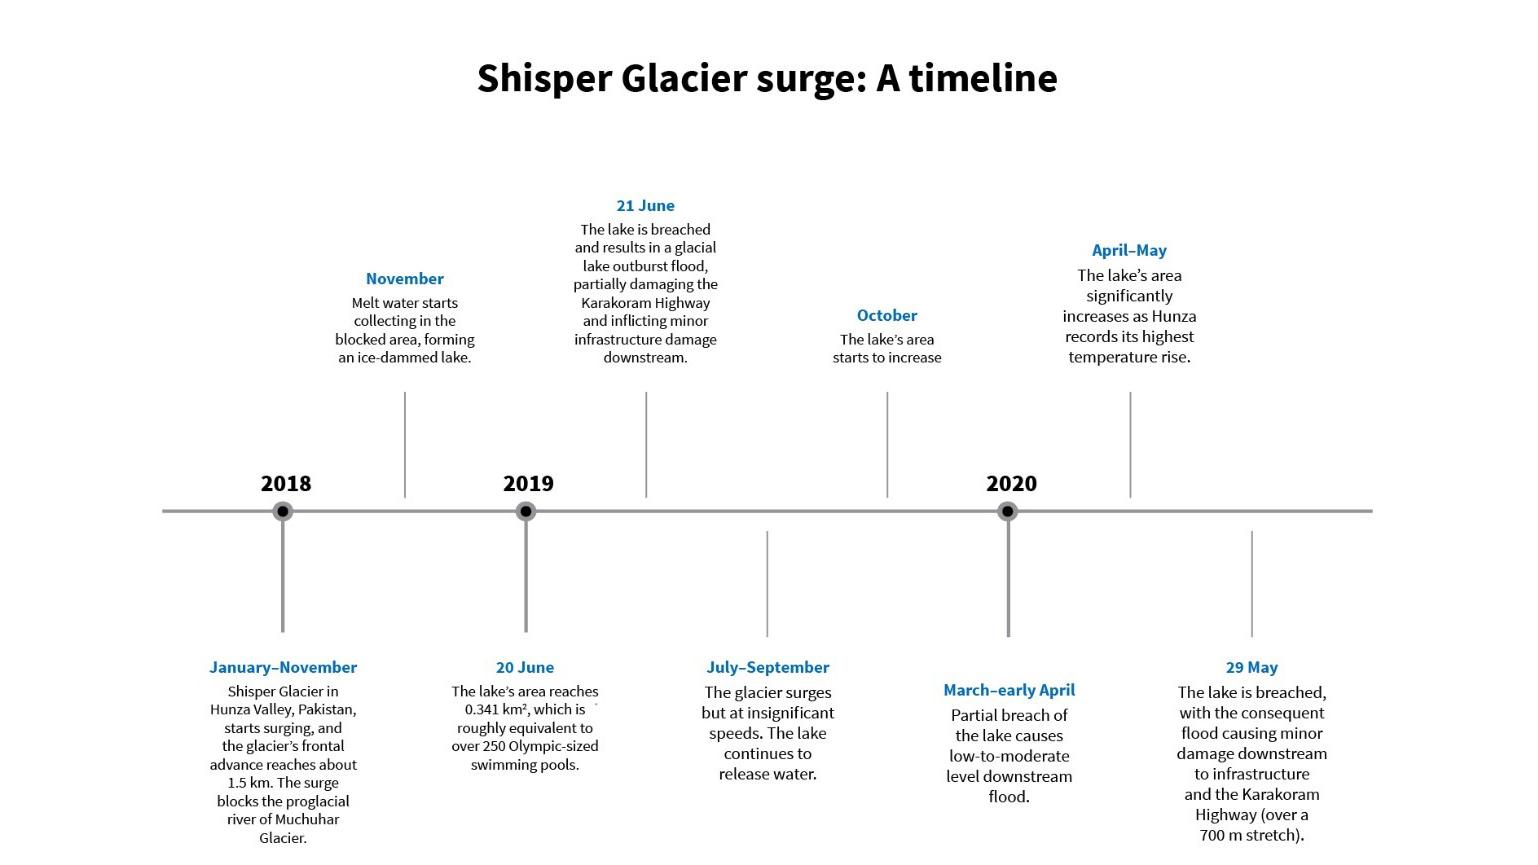 Shisper glacier surge: a timeline